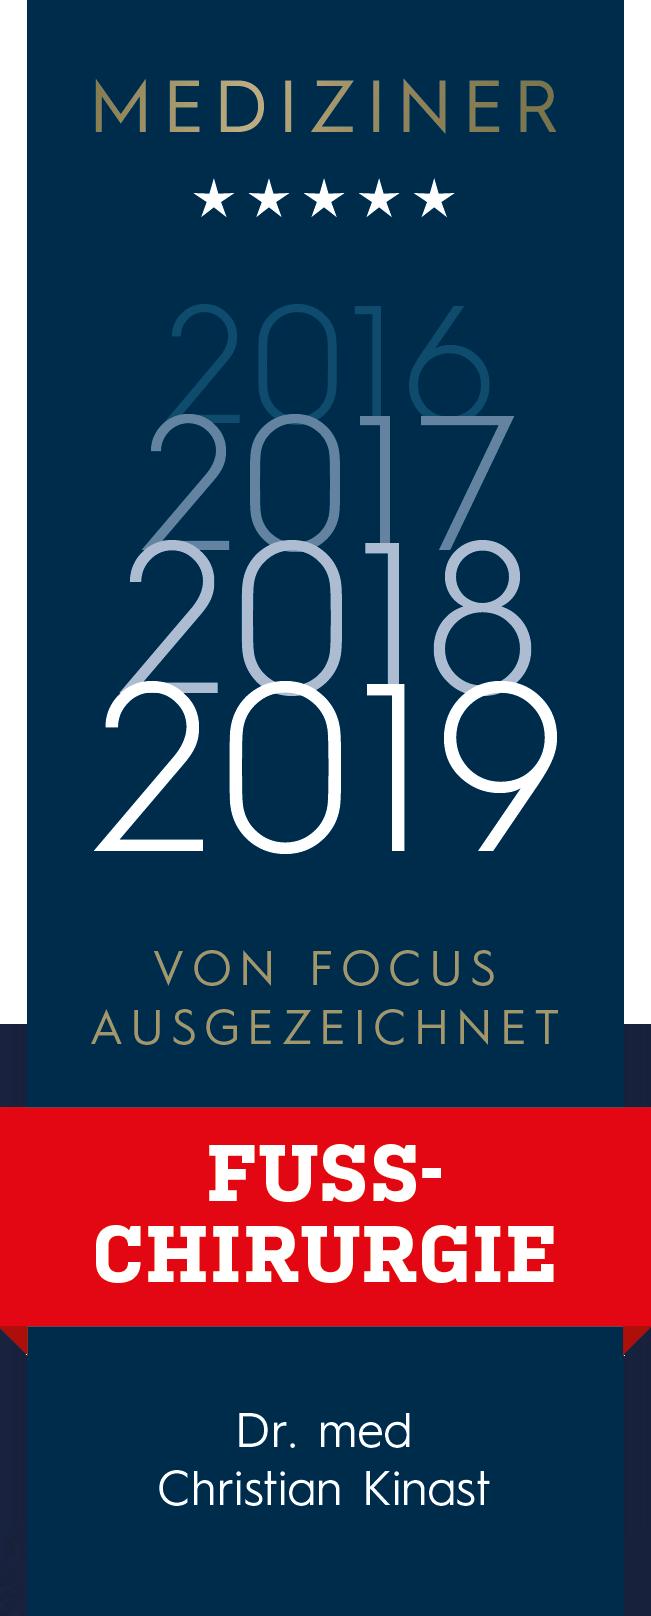 Dr. med. Christian Kinast - Top Mediziner Fußchirurgie 2016, 2017, 2018 - Focus Ärzteliste